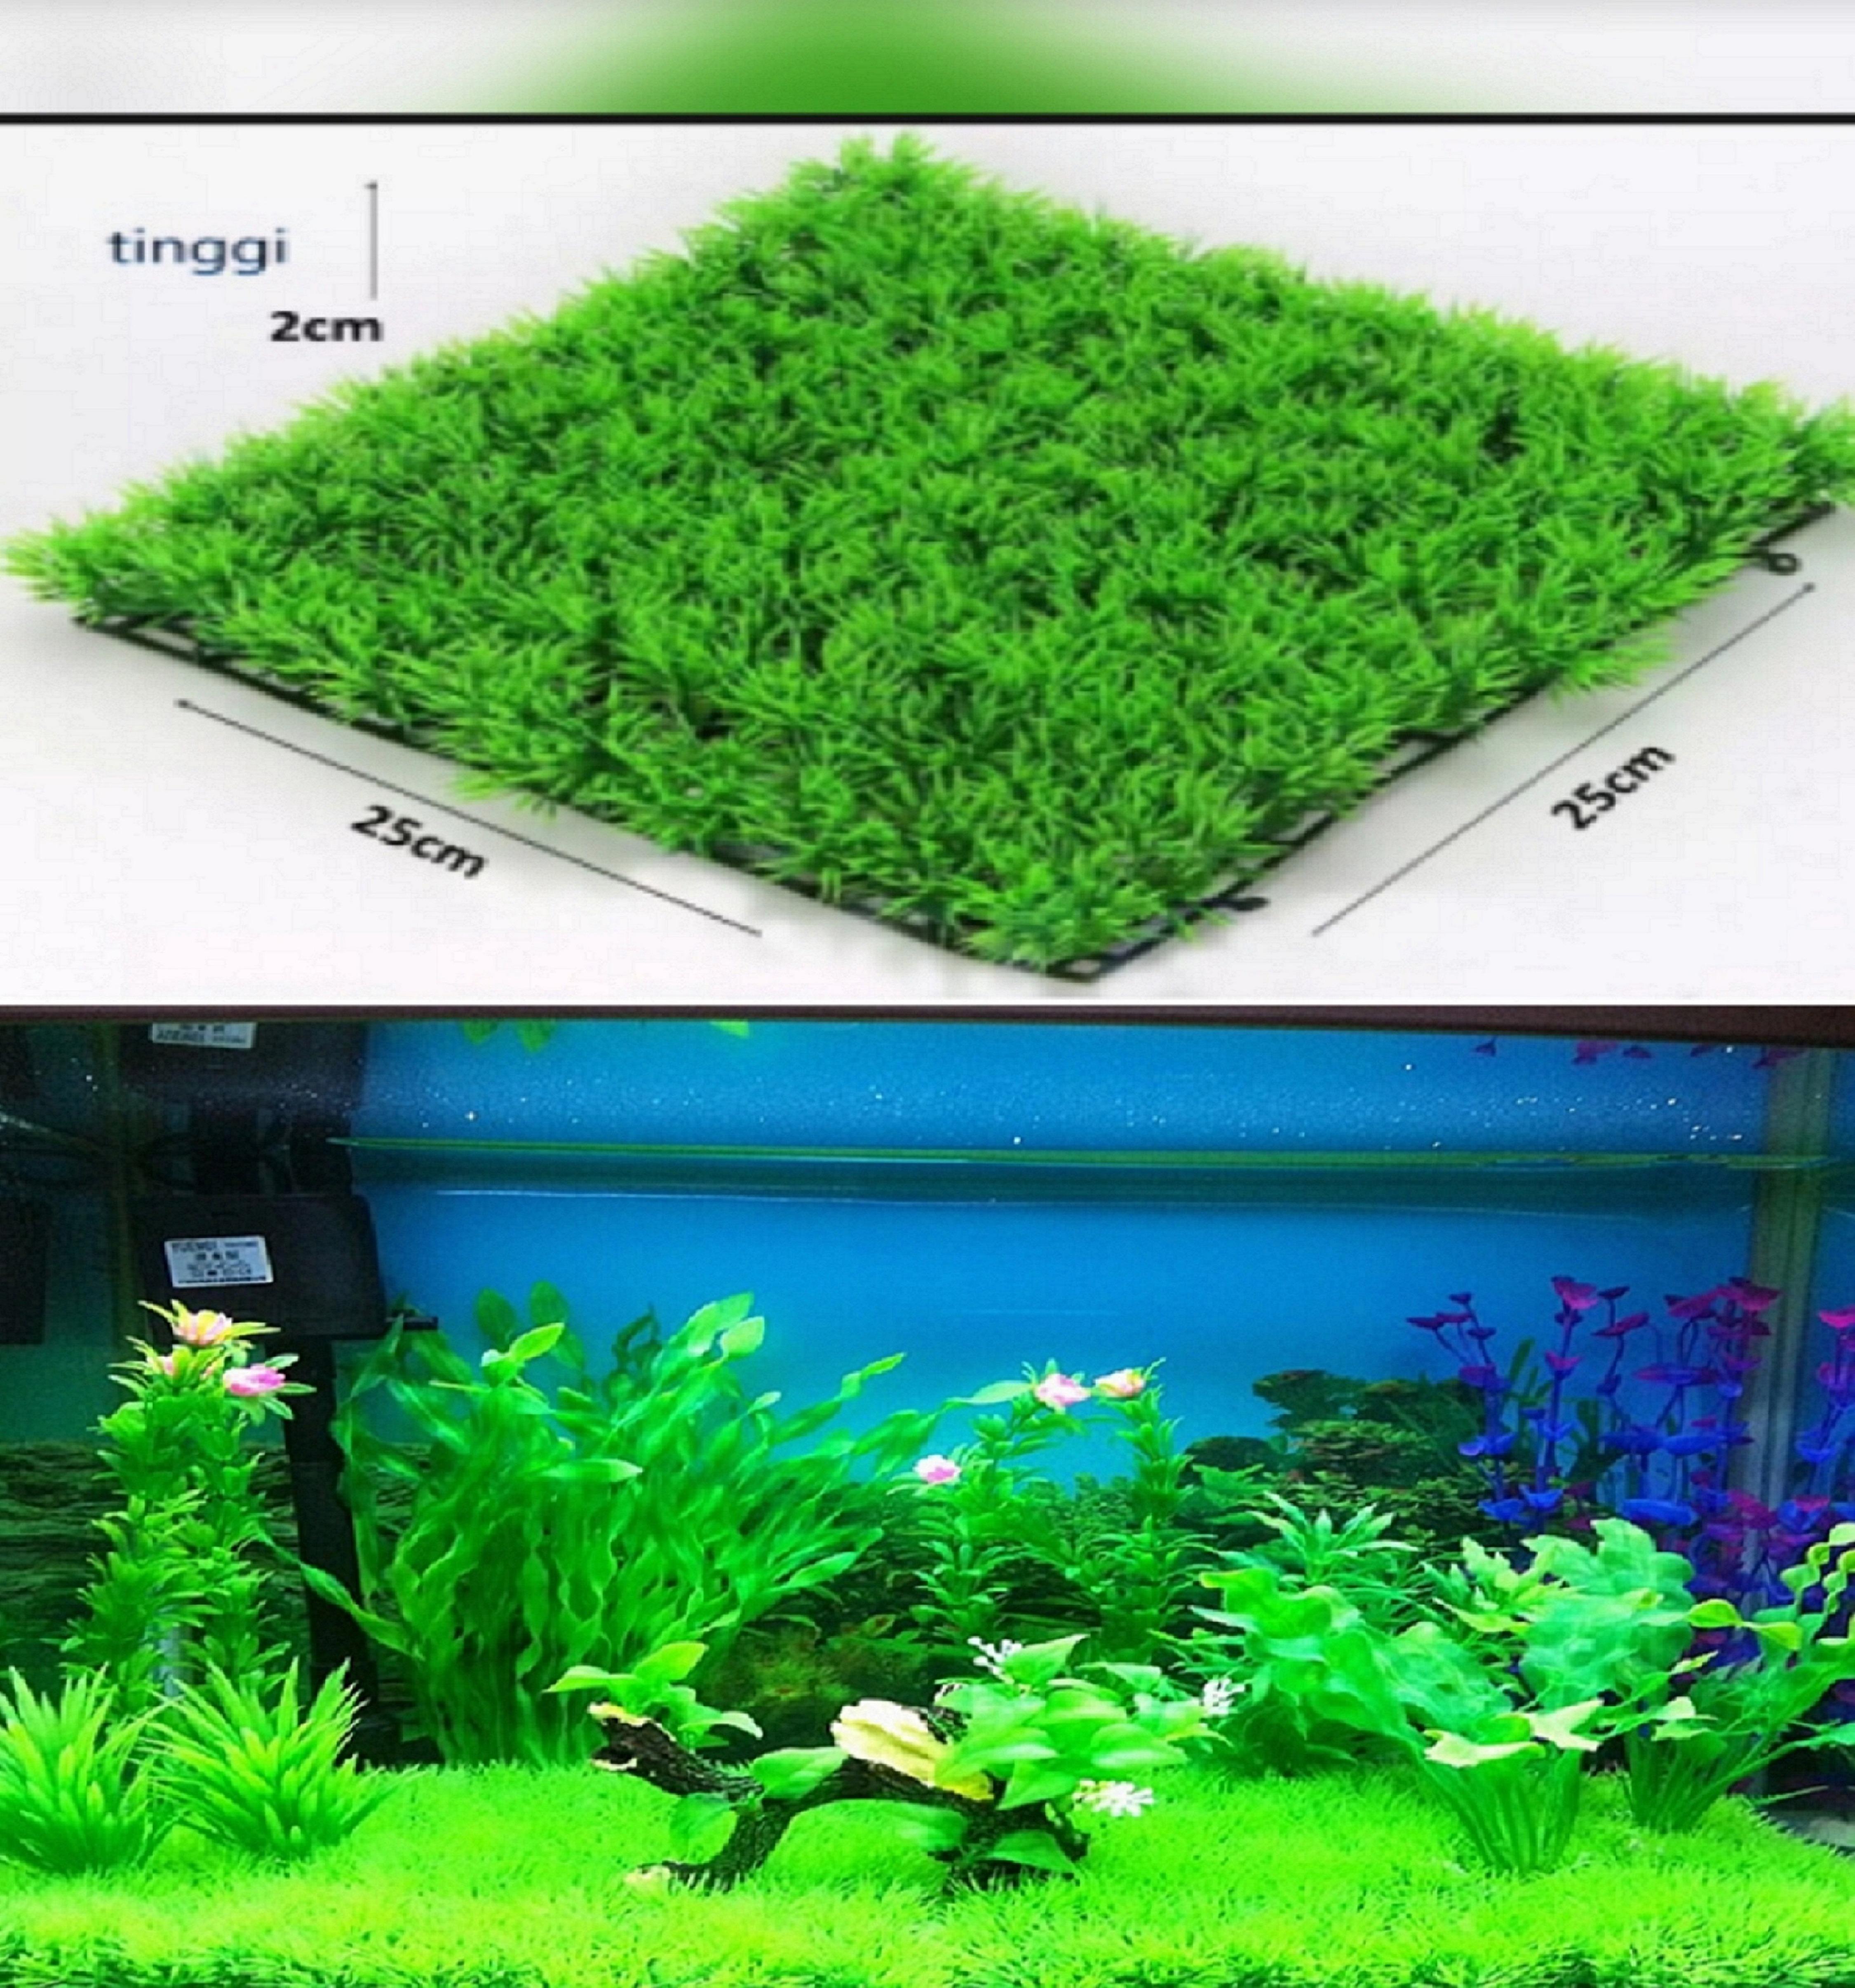 Rumput Sintetis Dasar Aquarium Uk 25x25 Cm Lazada Indonesia Rumput sintetis untuk aquarium